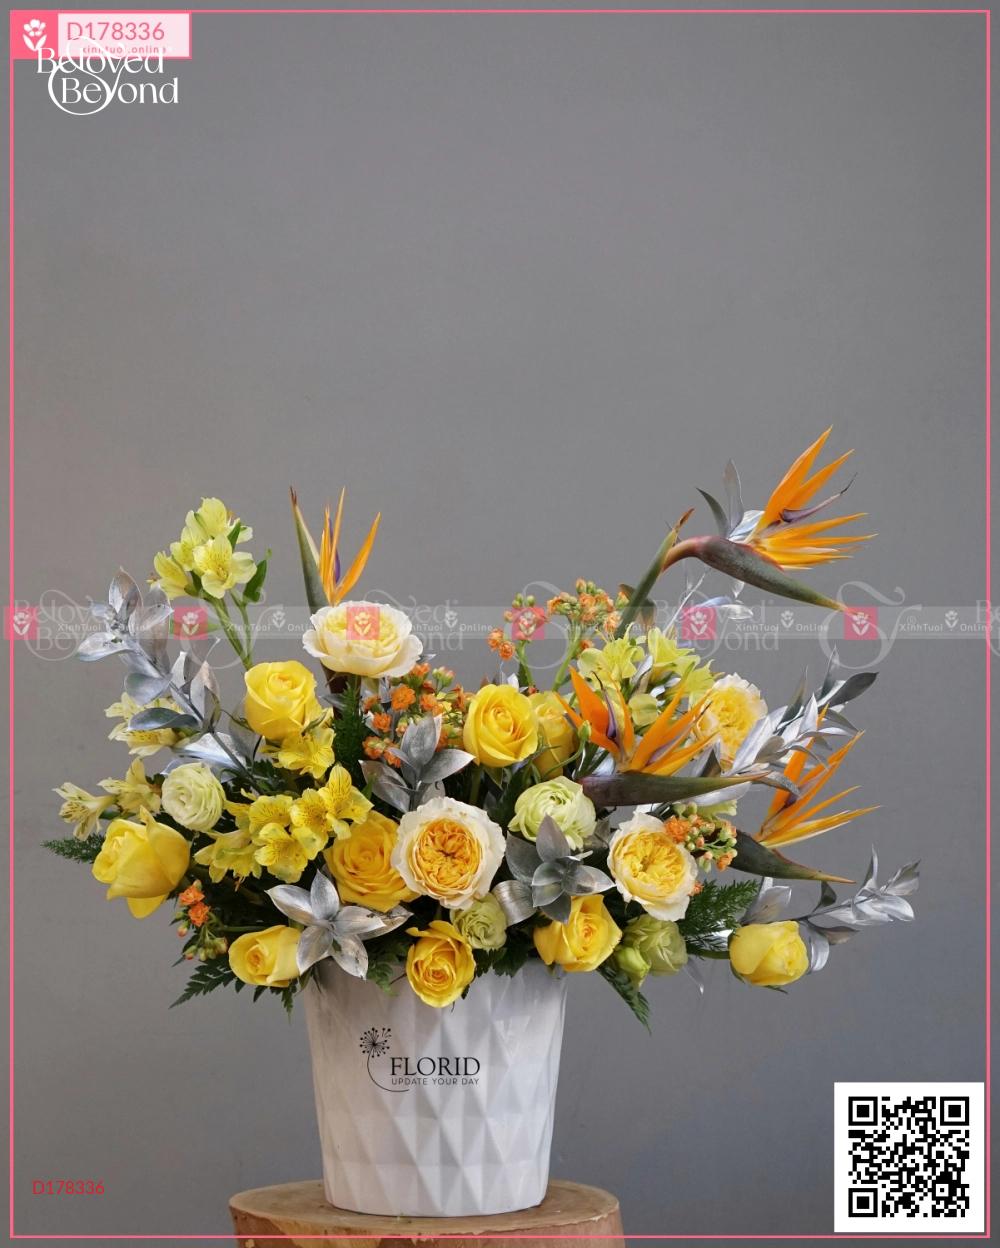 MS 1800 - D178336 - xinhtuoi.online